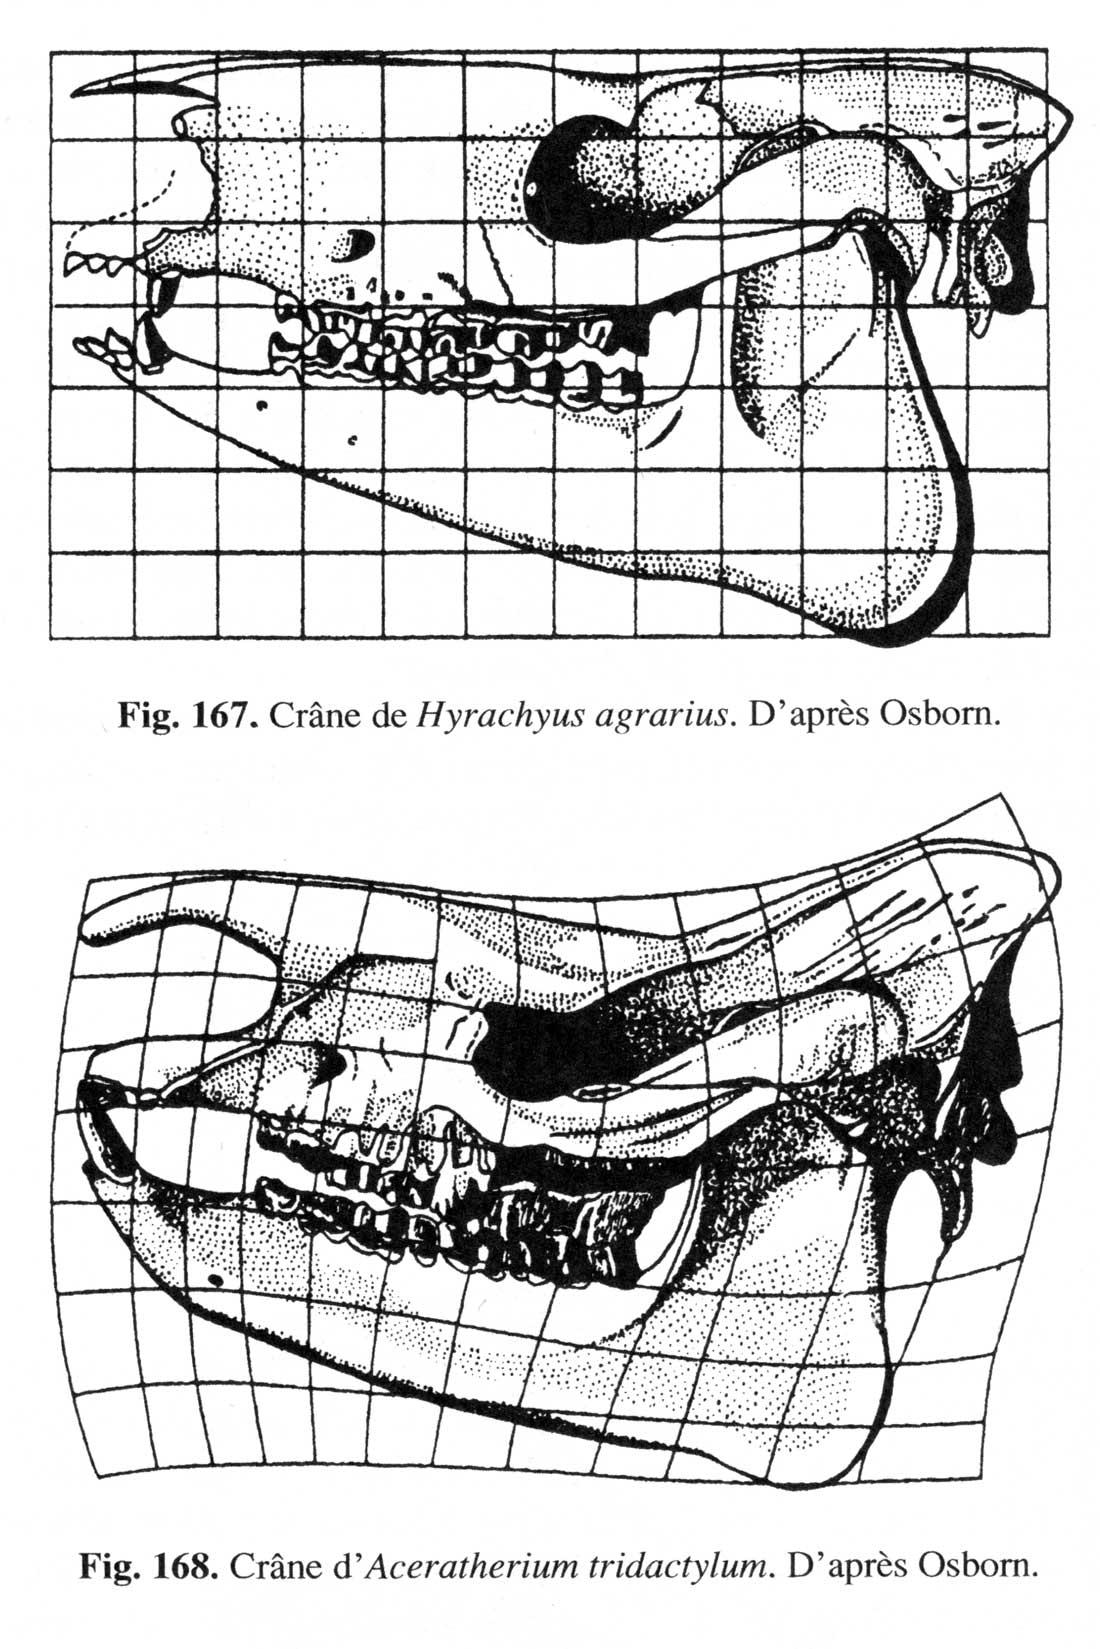 Fig. 2. Comparaison entre un crâne d'Hyrachyus agrarius et d'Aceratherium tridactylum (fig. 168)